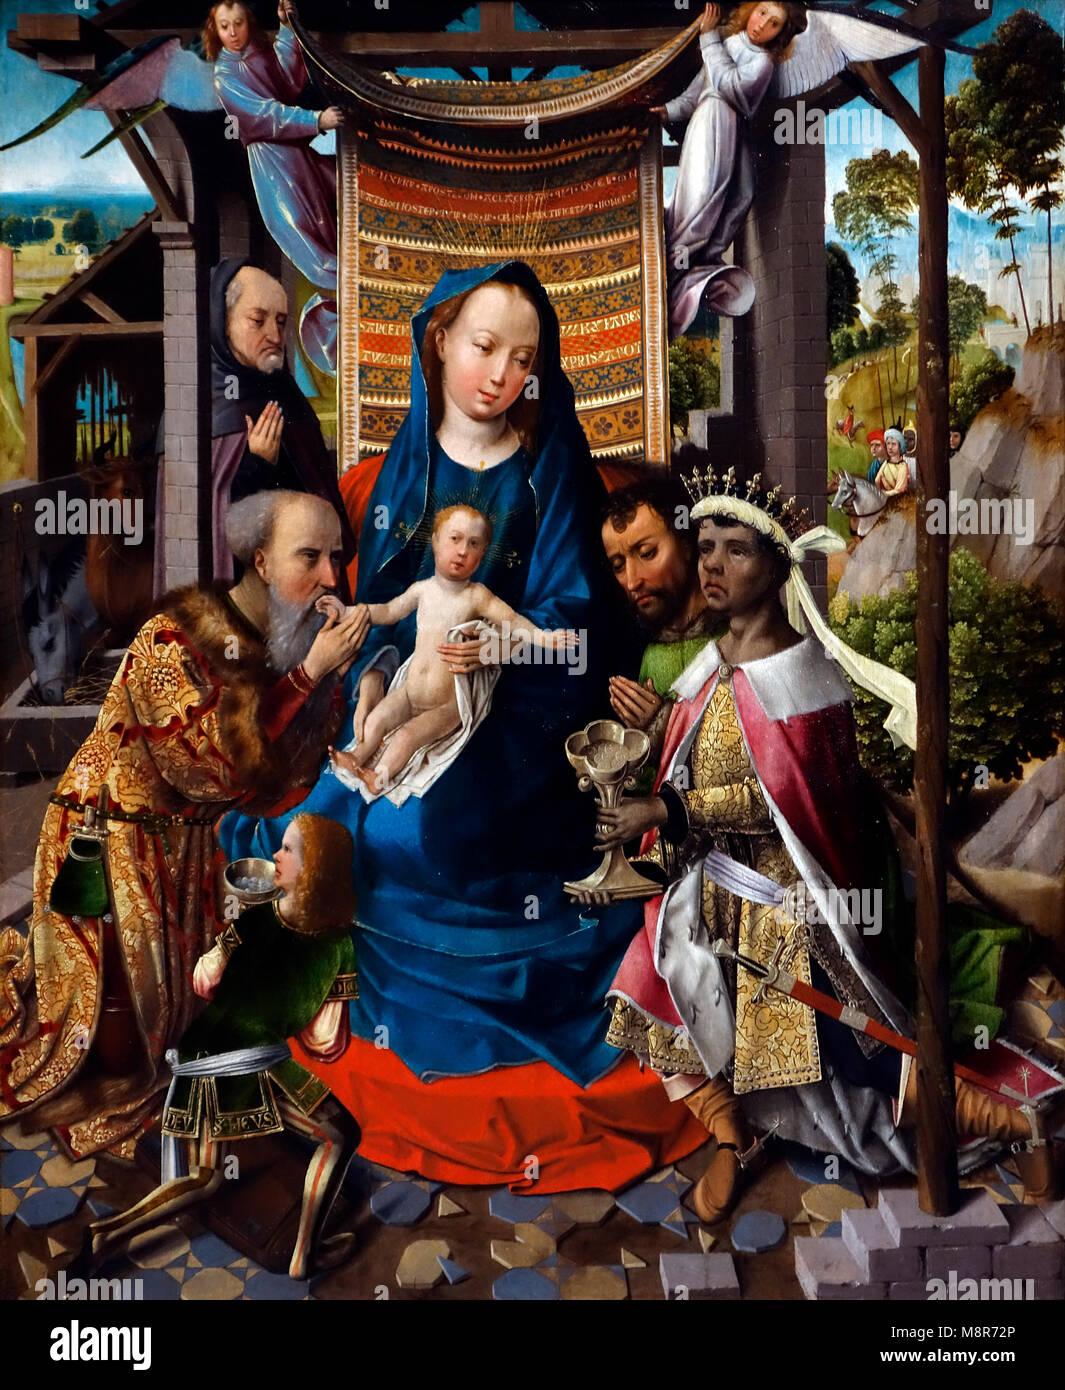 L Adorazione dei Magi, ca. 1500 olio su pannello dipinto da Early Netherlandish pittore Colijn de Coter Immagini Stock